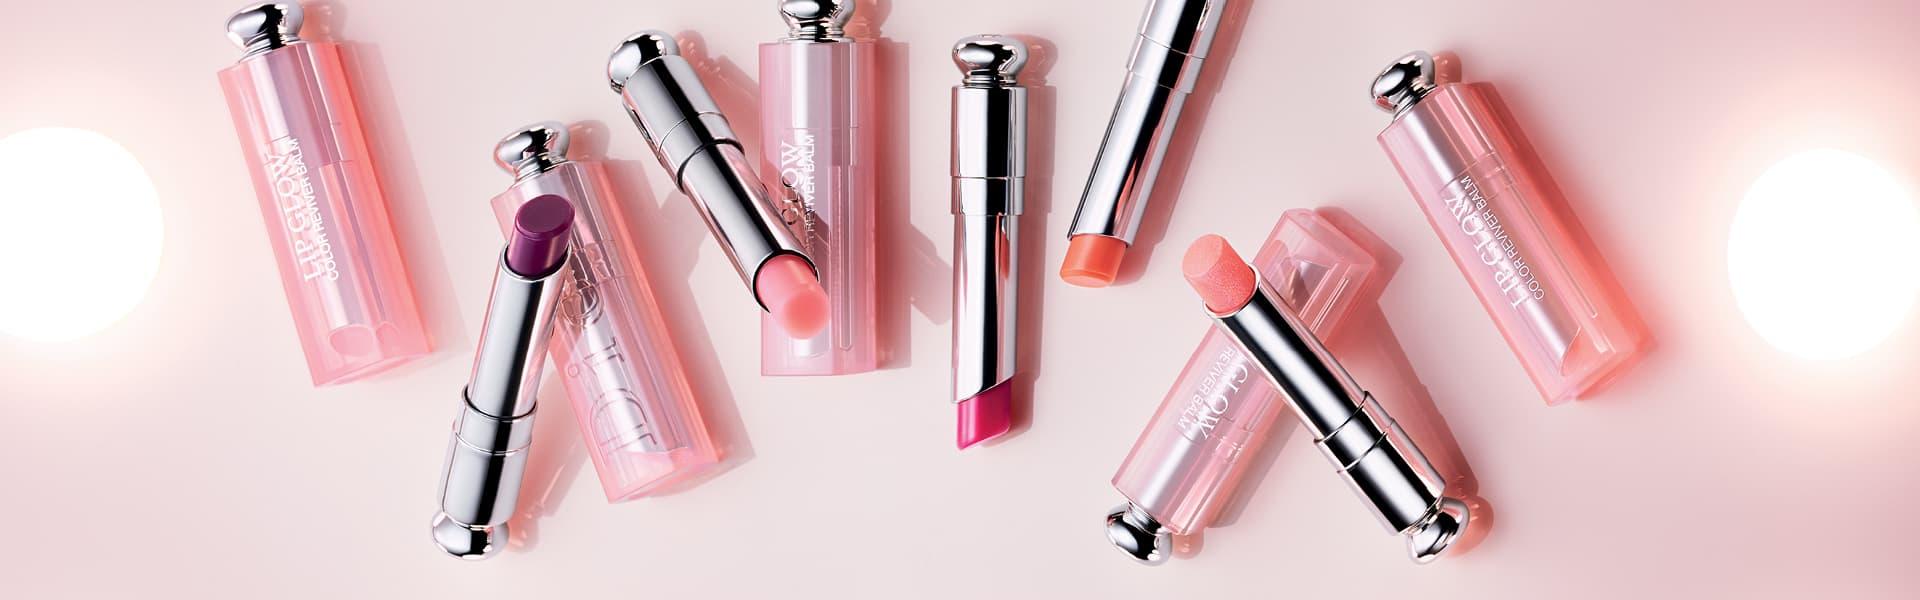 Dior Backstage pros, Makeup, Makeup, Cosmetics, Beauty